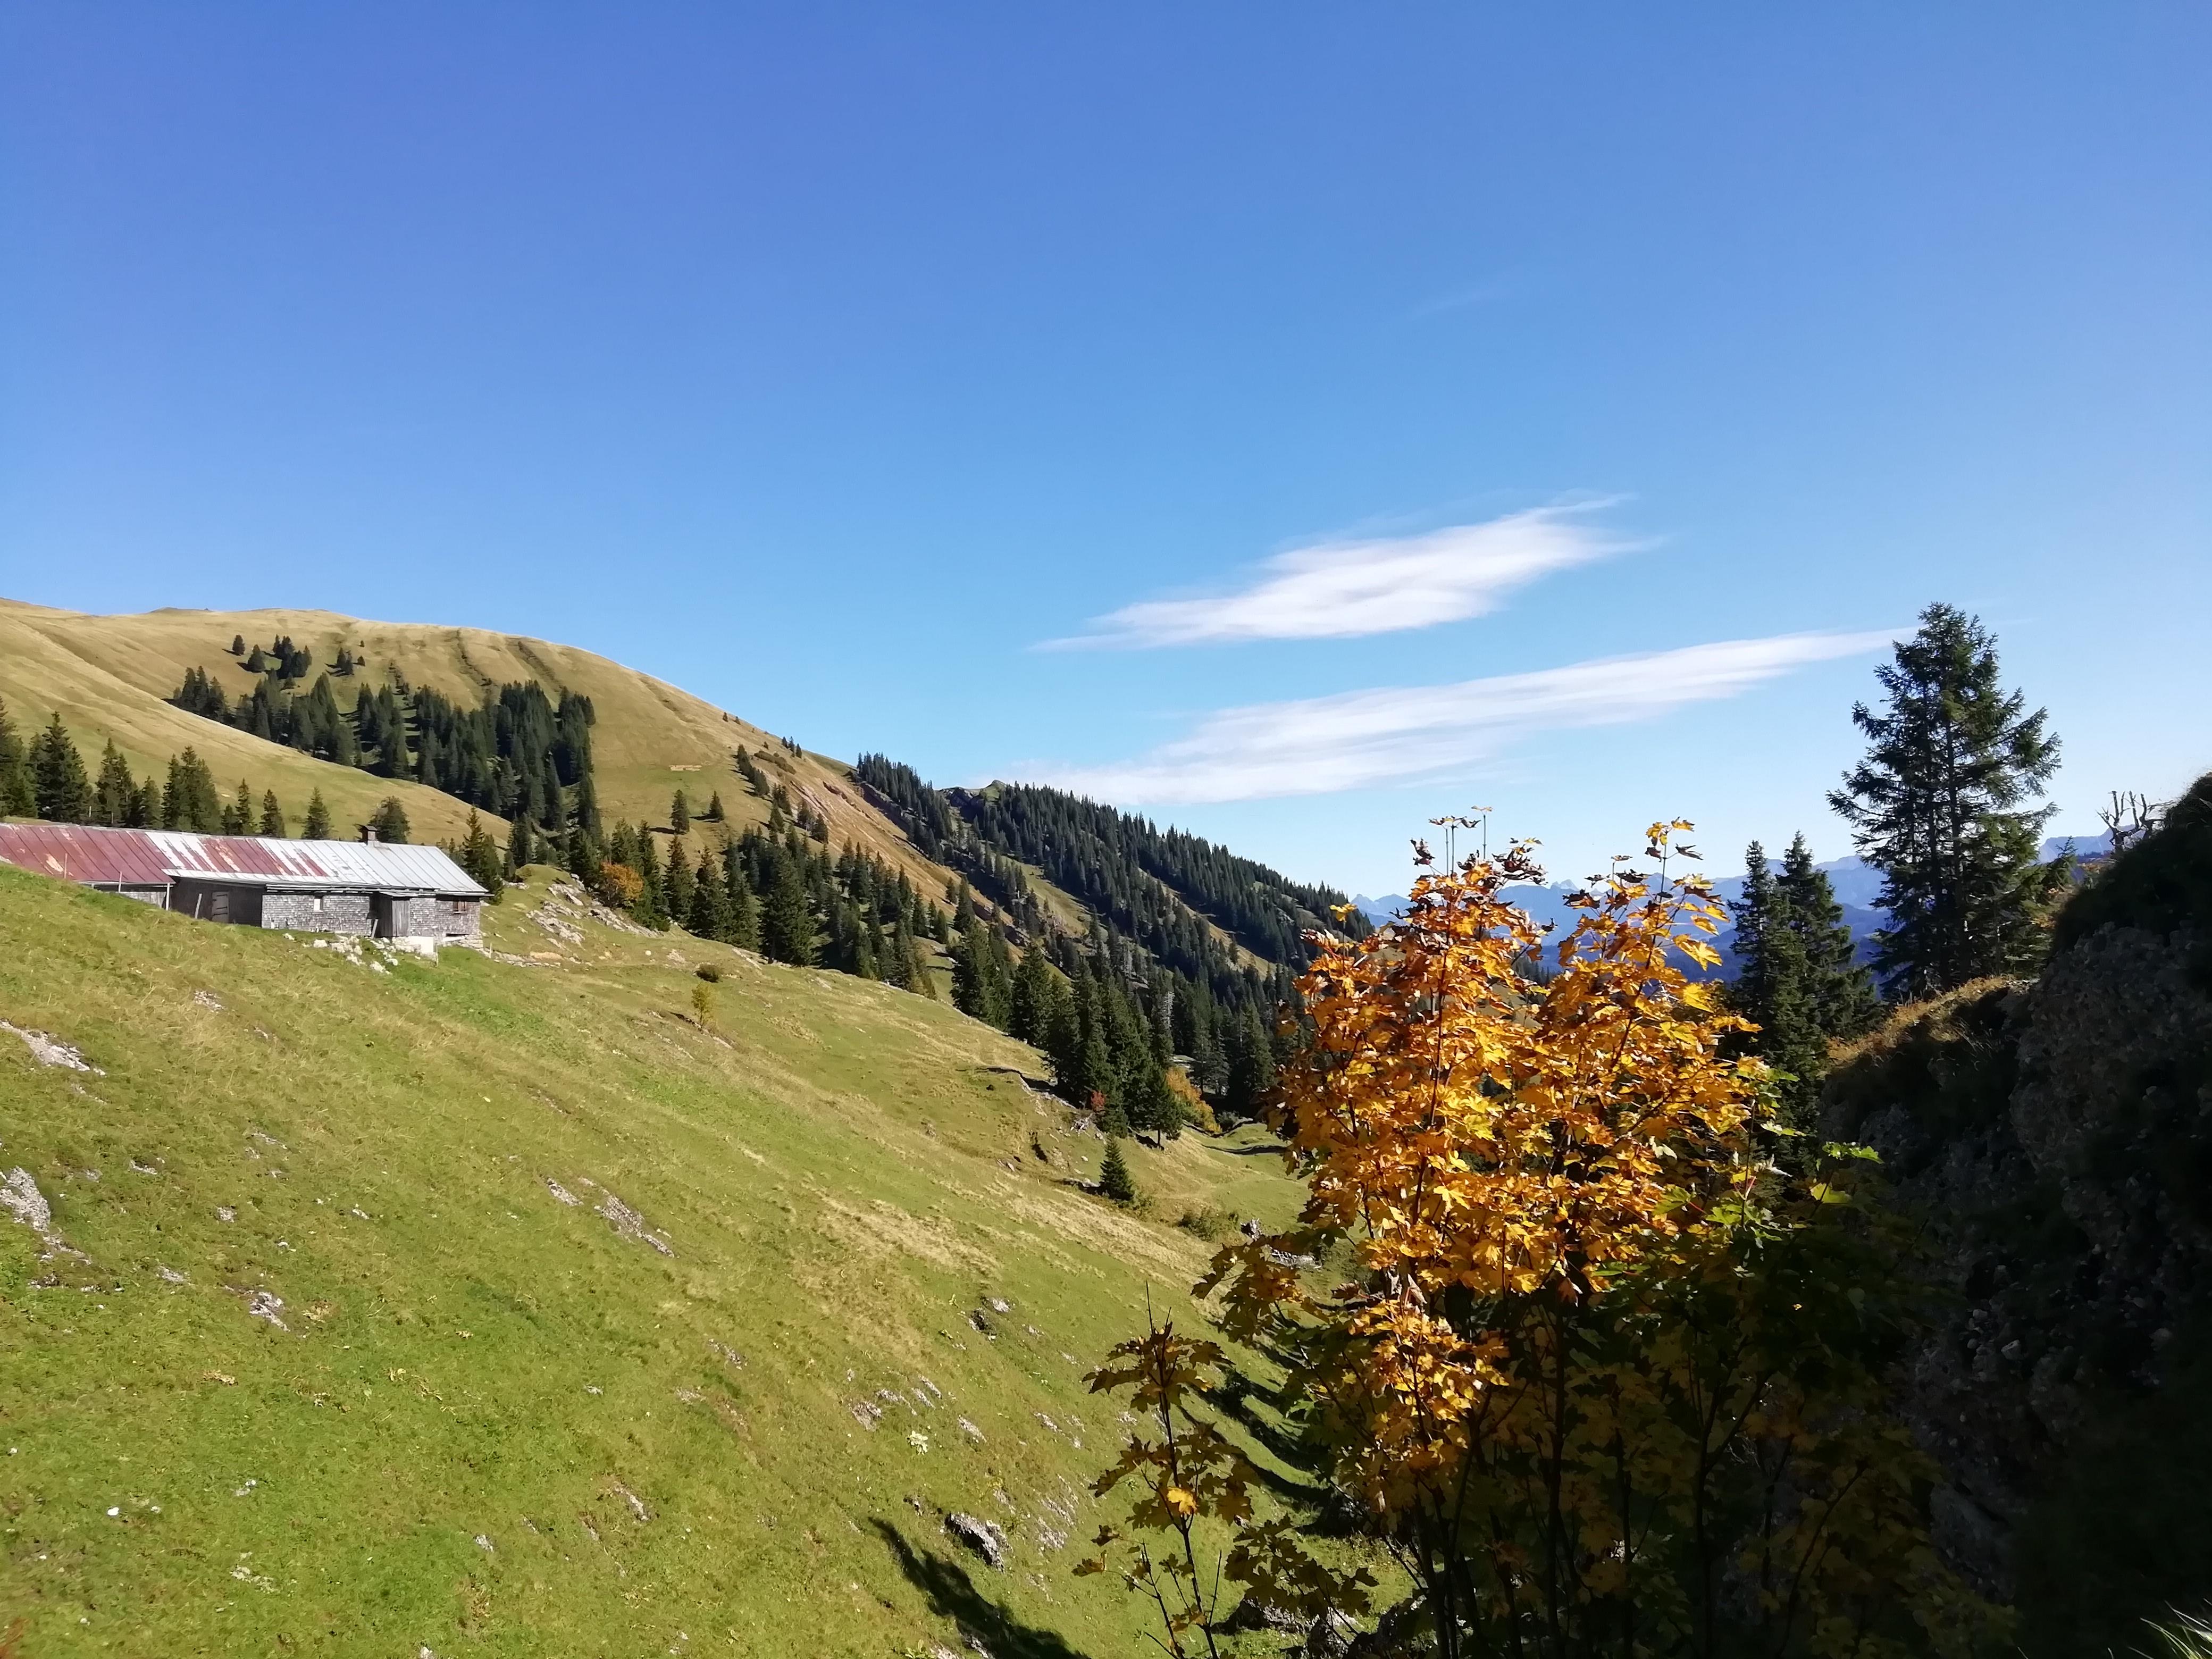 Goldener Oktober mit buntem Laub und warmer Sonne.